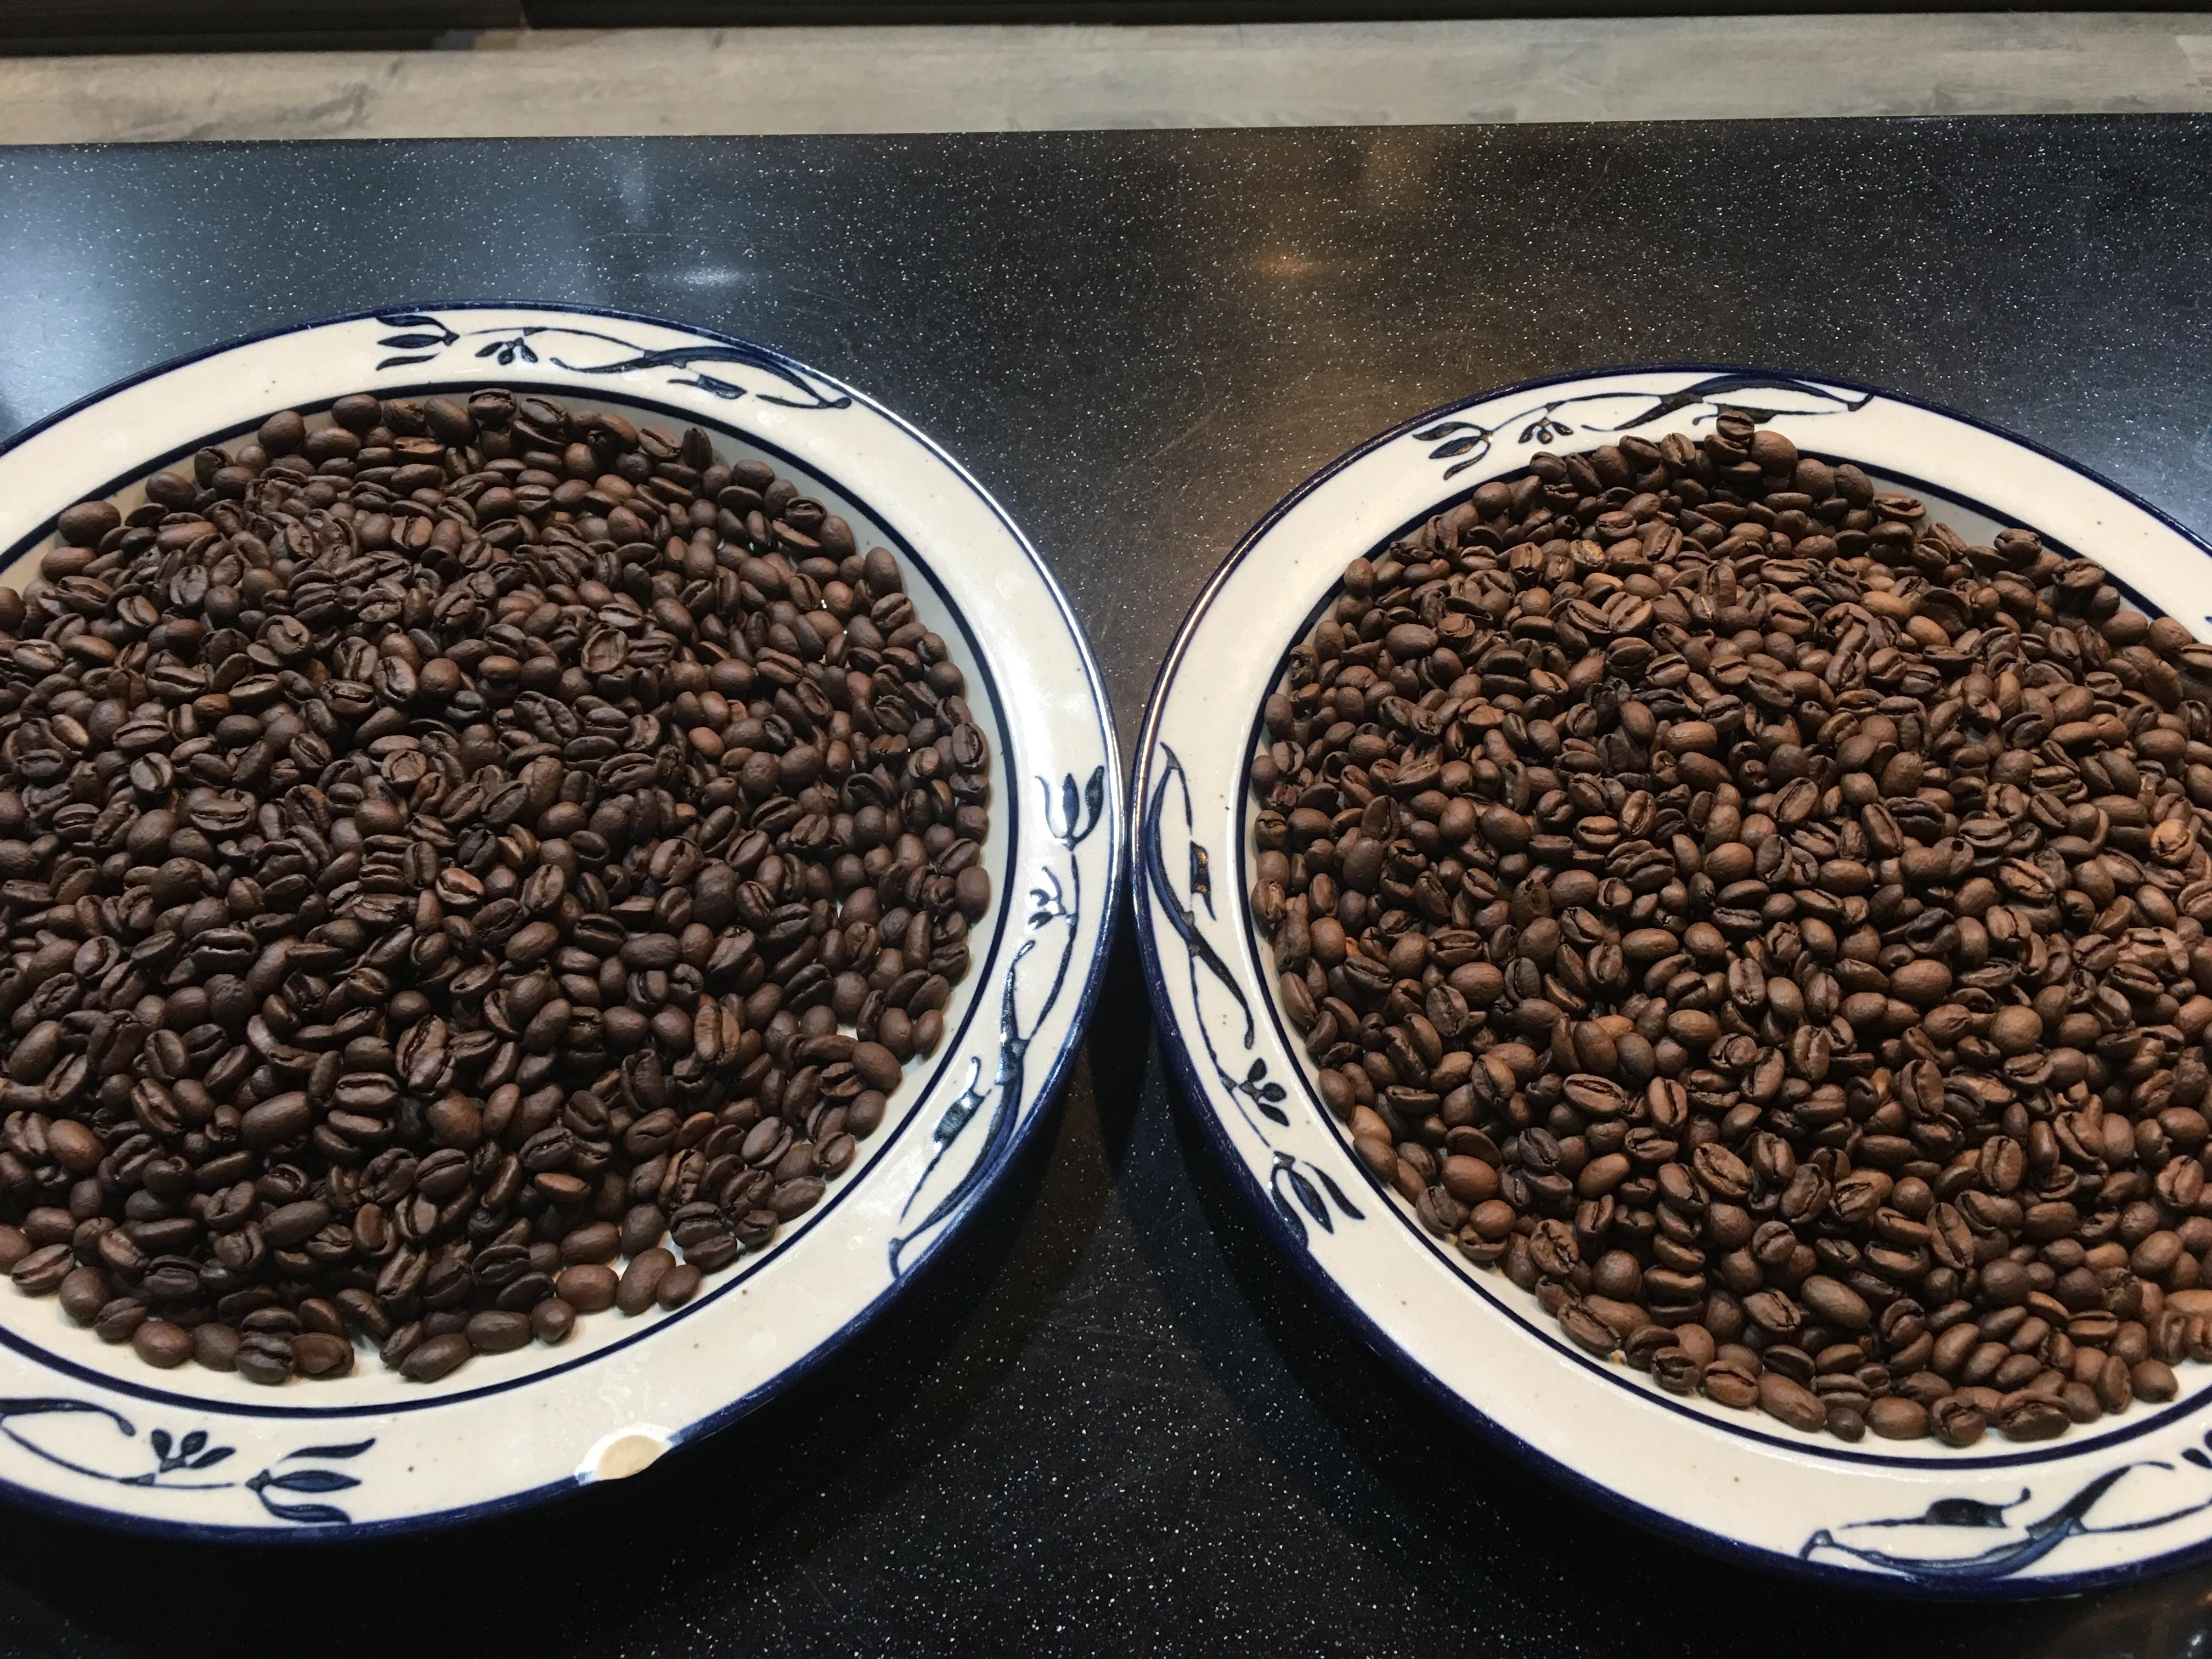 (右)第1鍋 果丁丁 (左)第2鍋 果丁丁